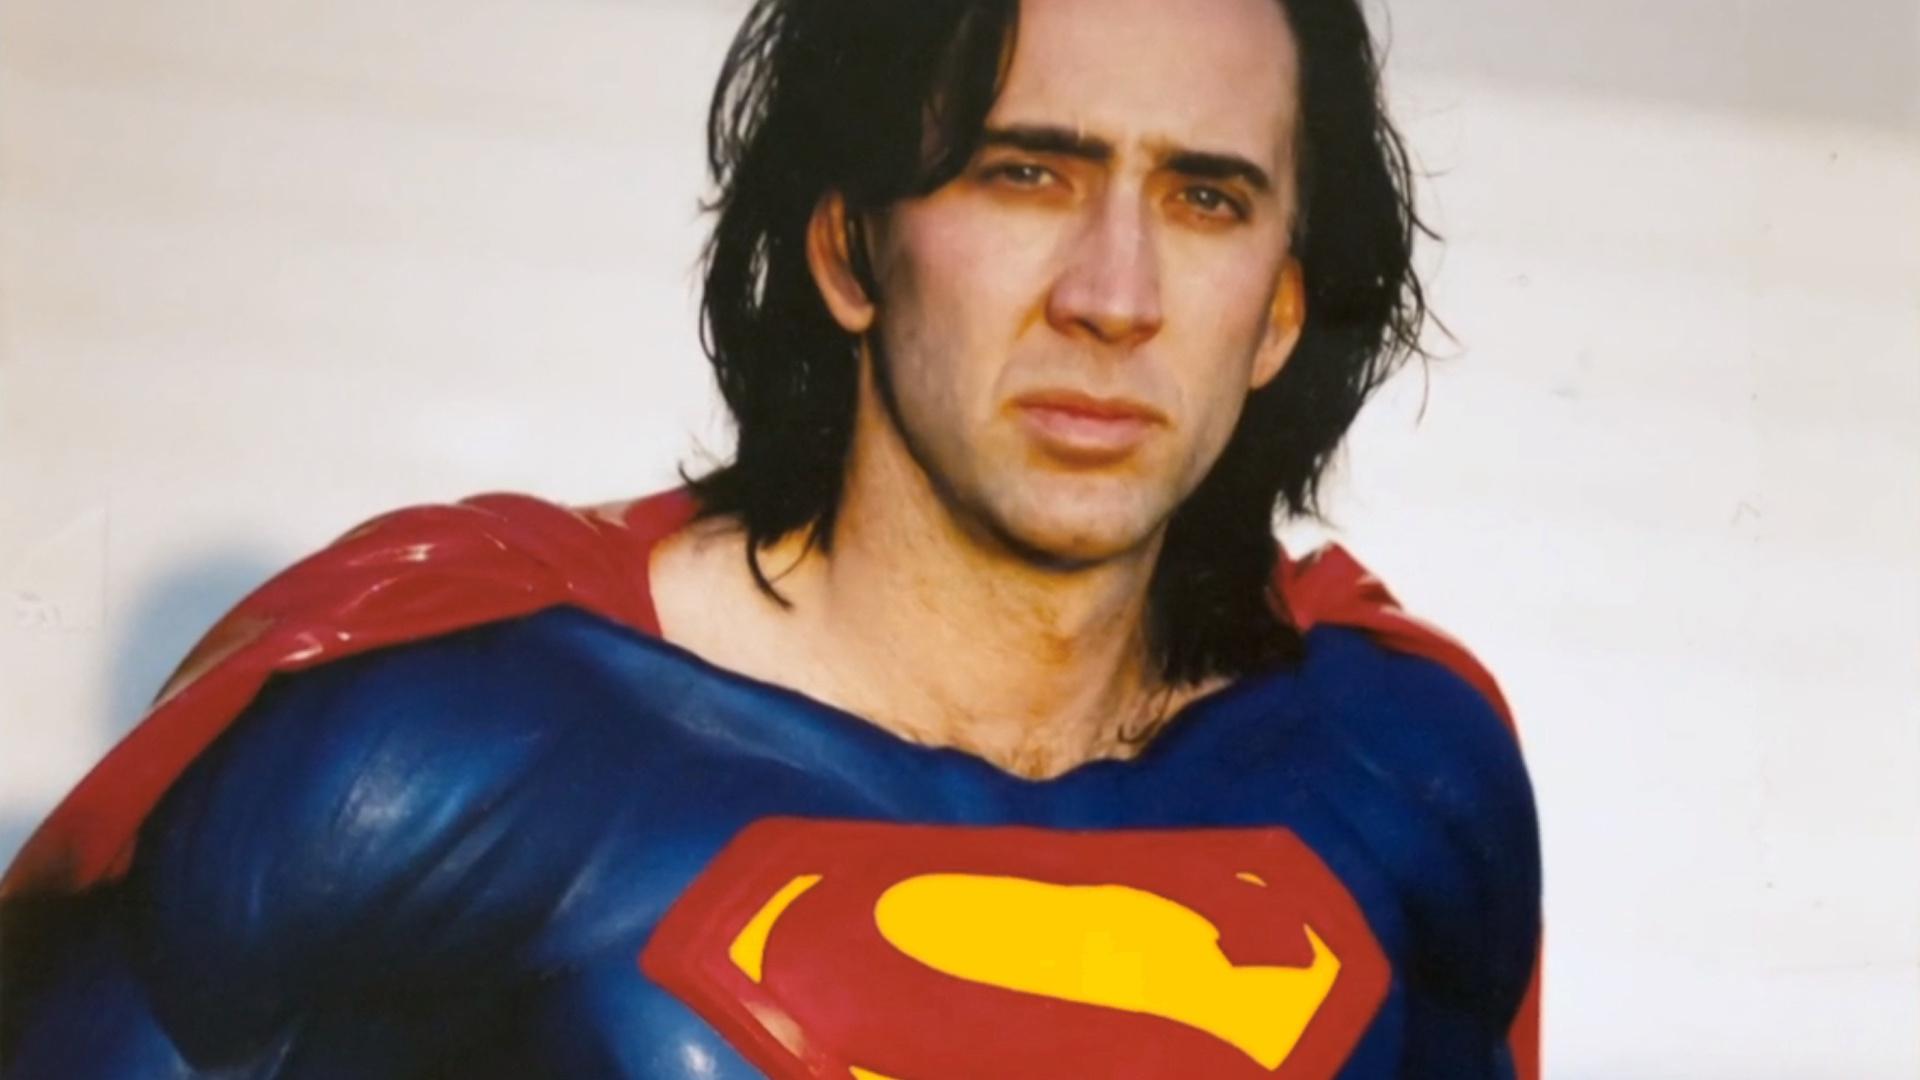 Слух: в сольнике Флэша может появиться Николас Кейдж в роли Супермена